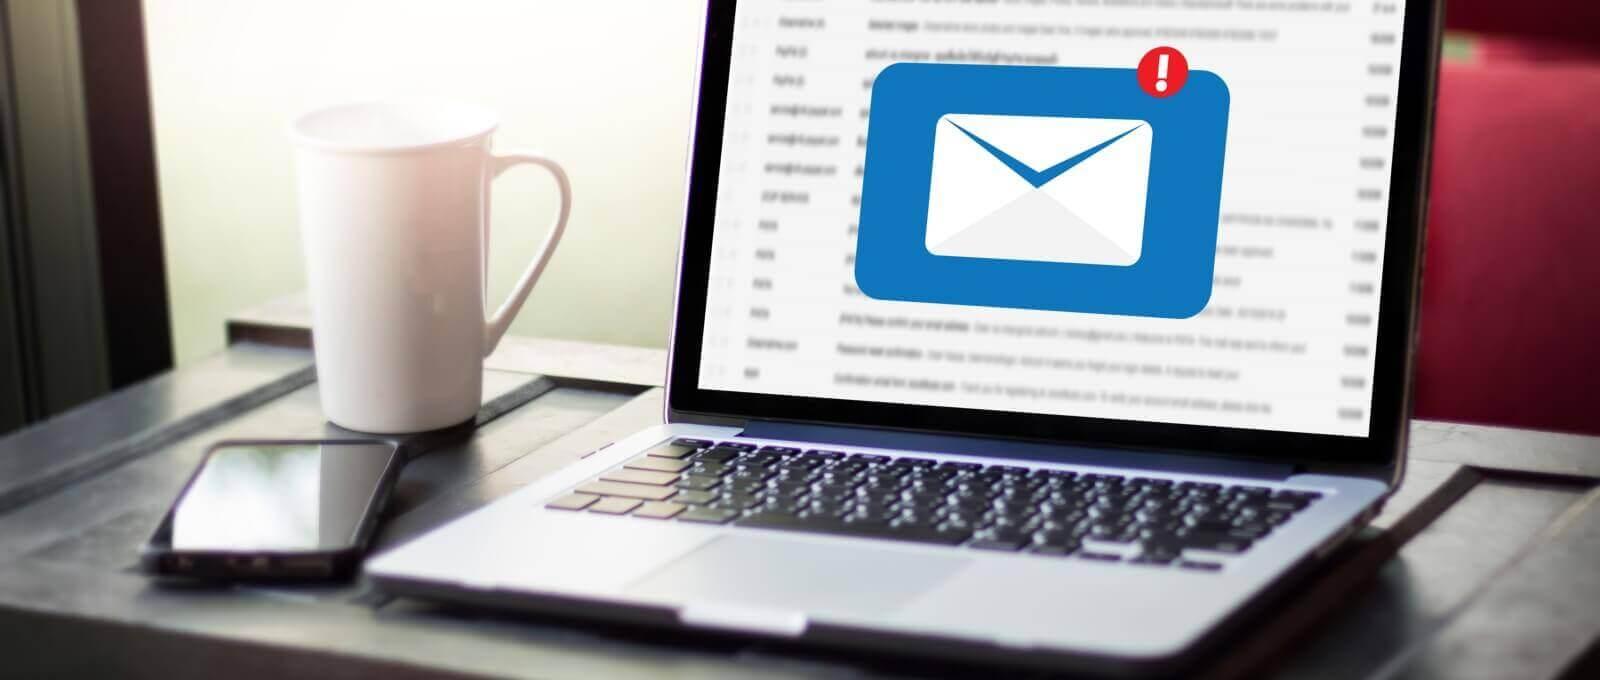 Cek-Kuota-Melalui-Email